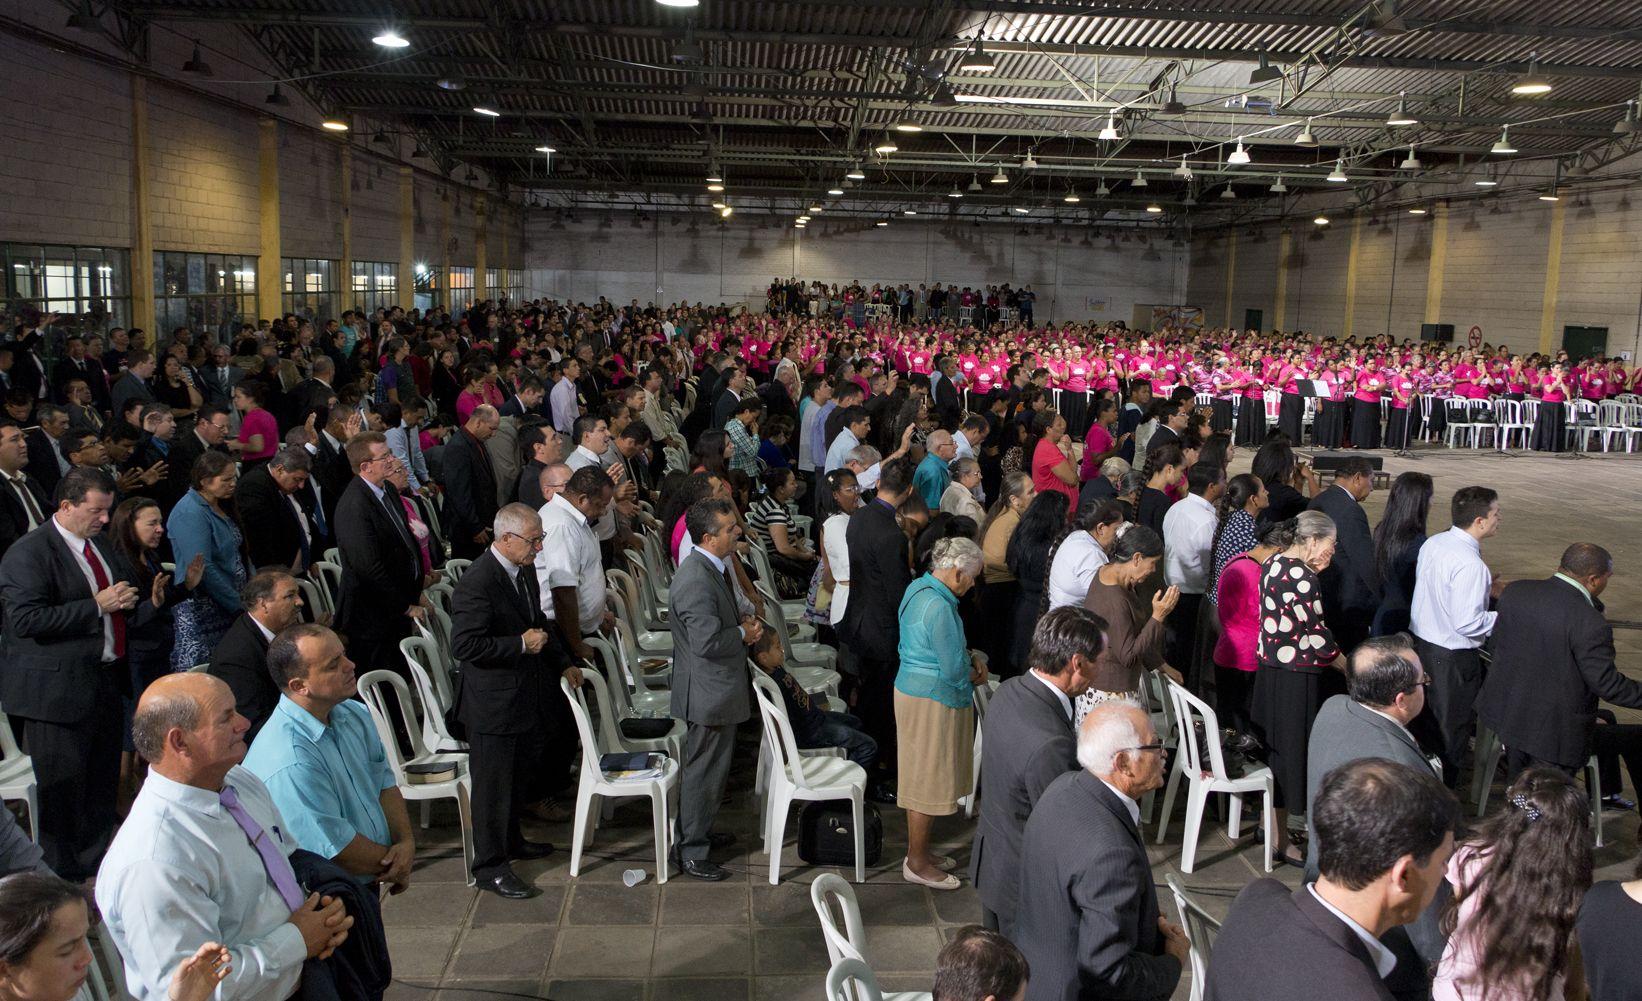 Congresso Geral 2016 - 2º Dia - 26.03.2016 (24)